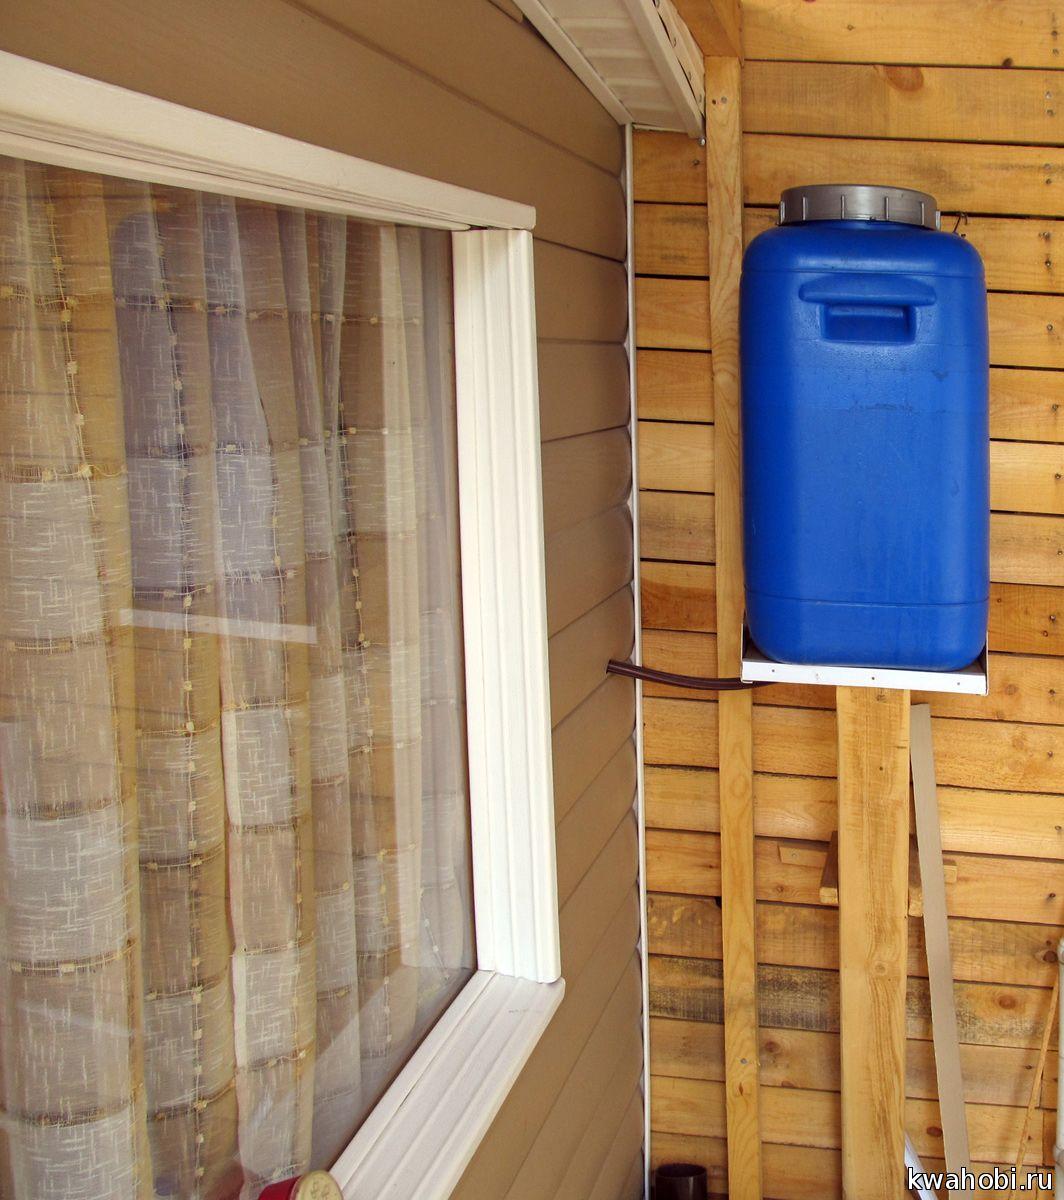 бак с водой, установлен на постоянное место